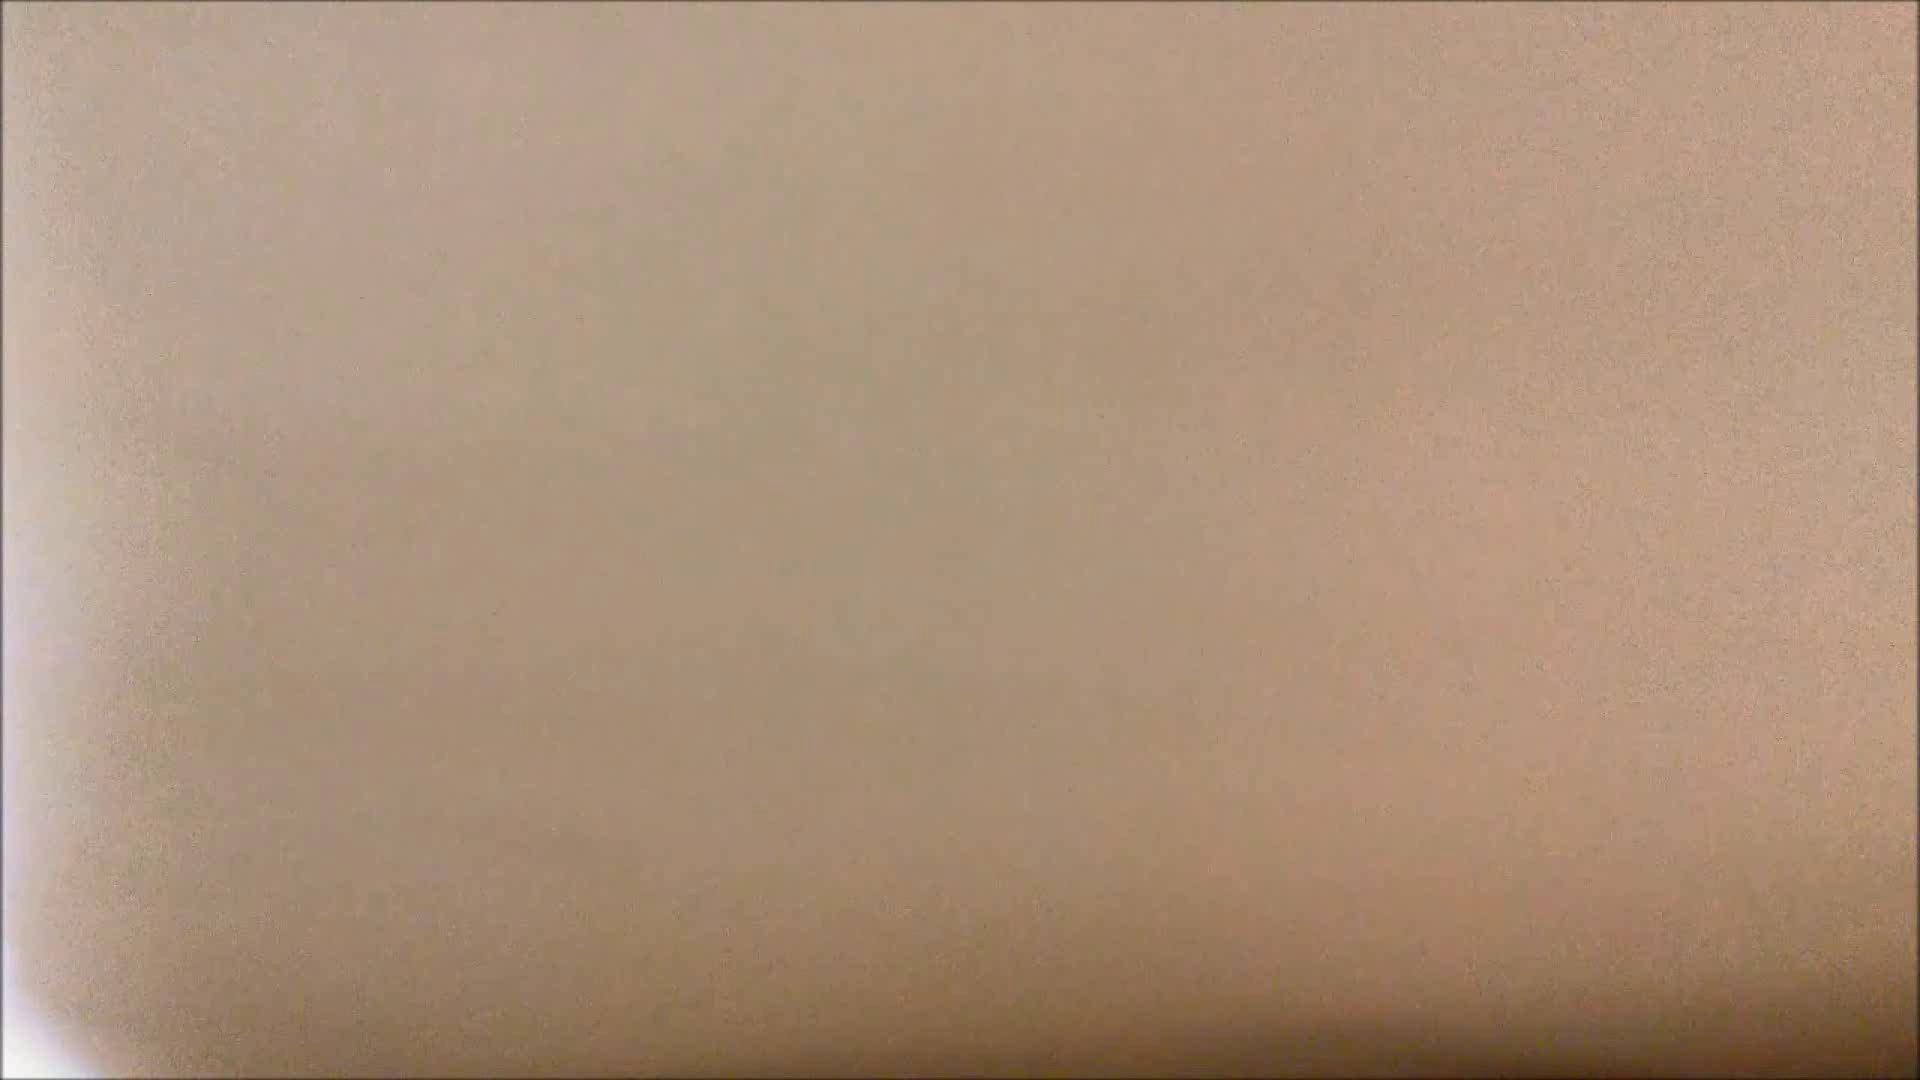 某有名大学女性洗面所 vol.16 洗面所   ギャル  113画像 14